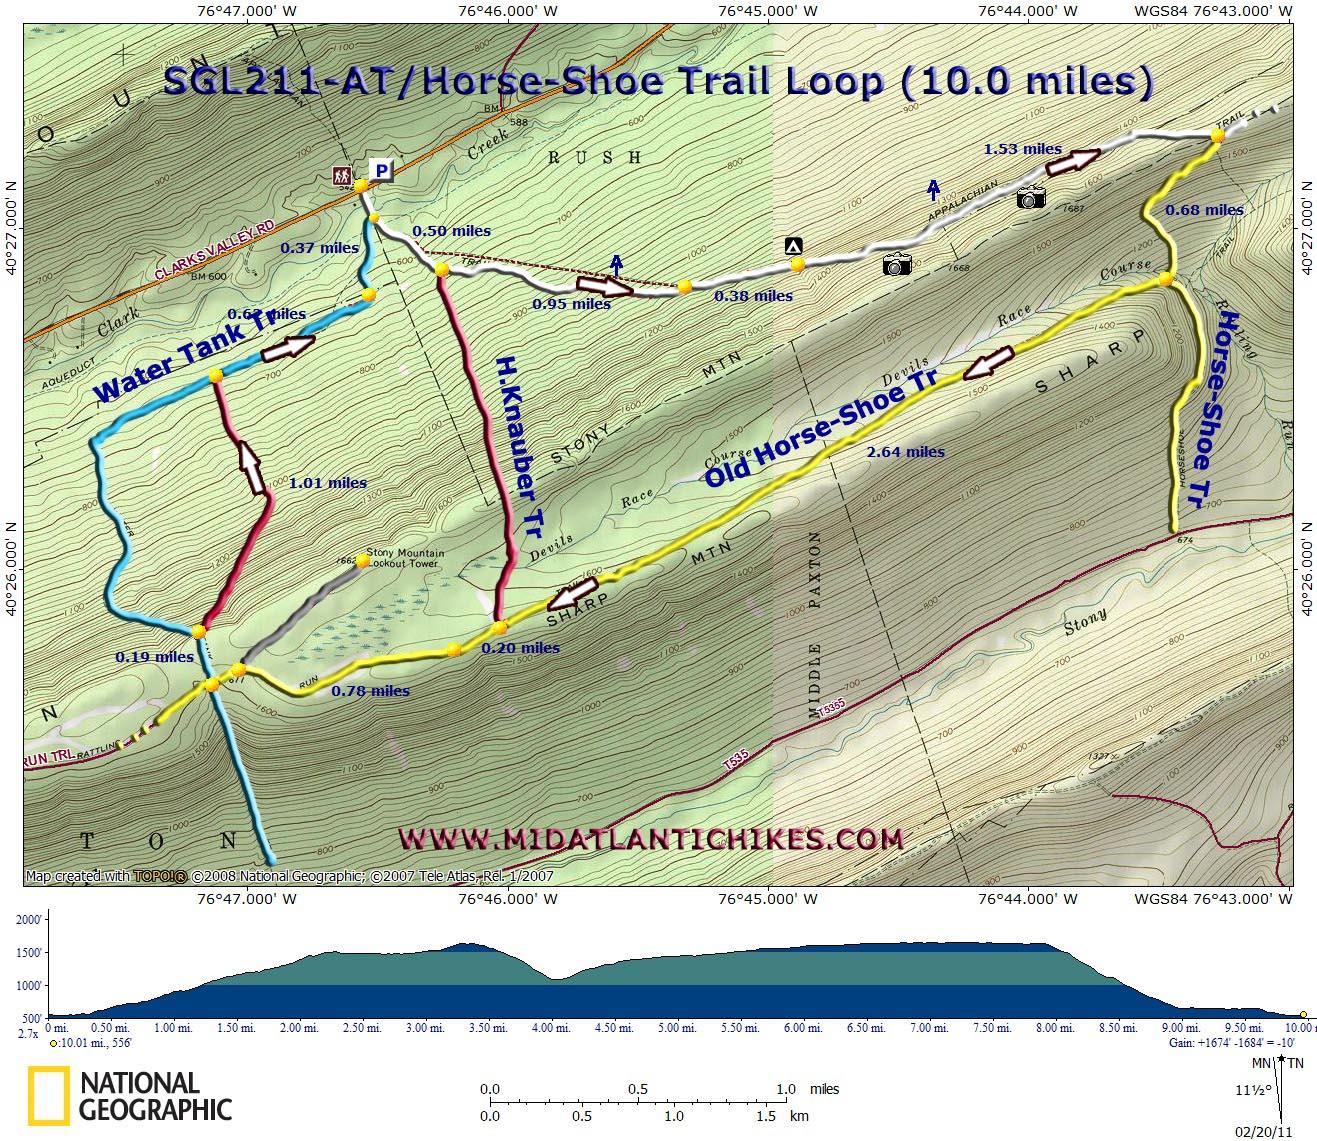 Susquehanna Appalachian Trail Club - Hiking South Central Pennsylvania